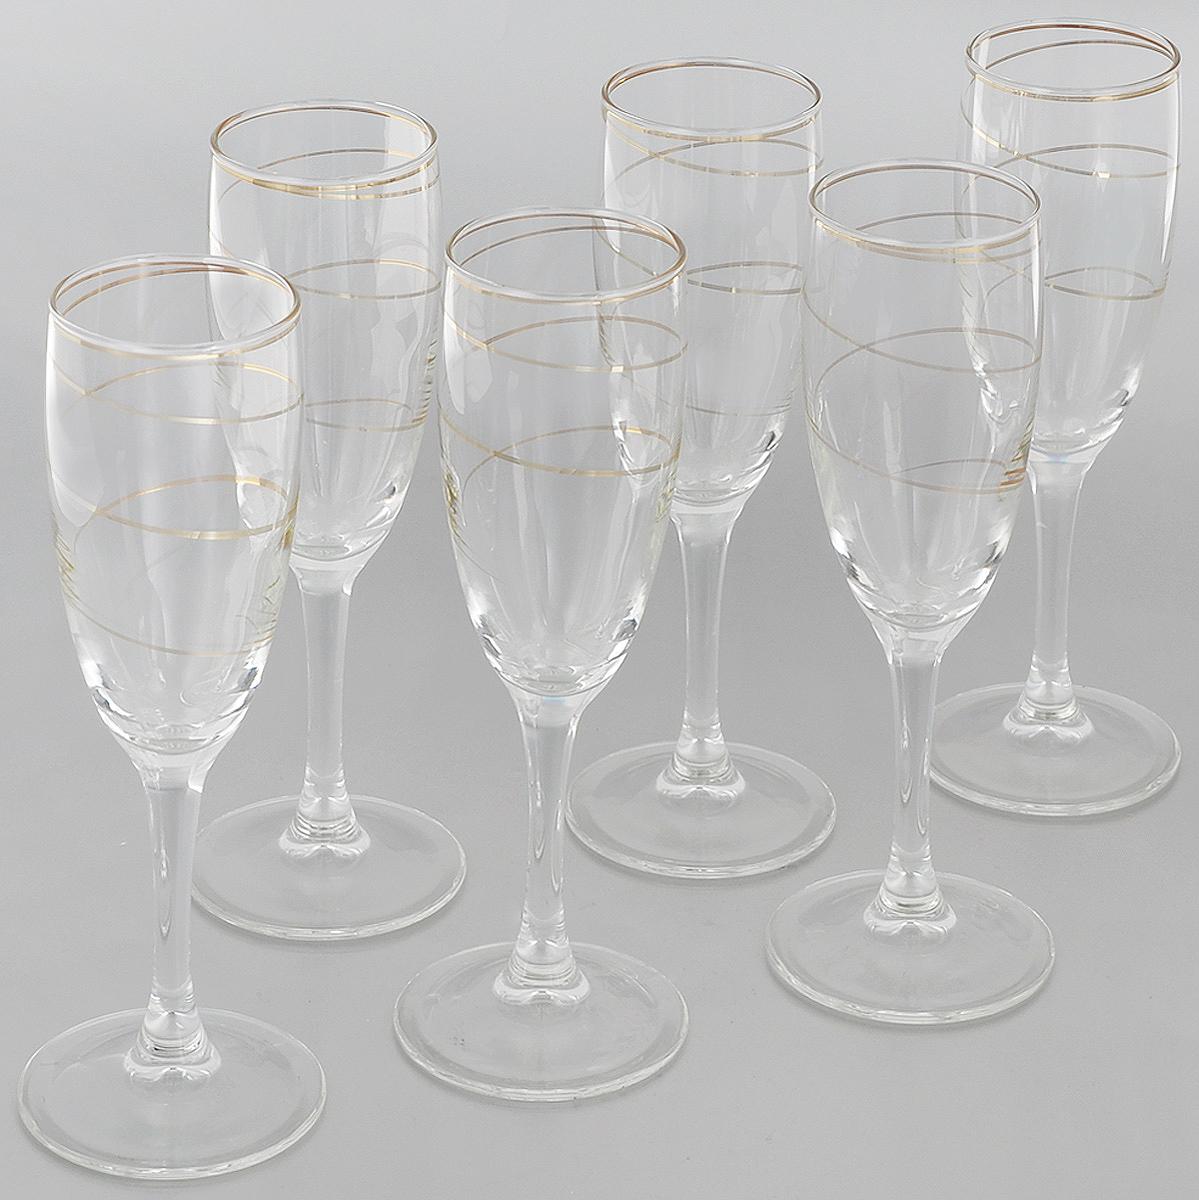 Набор бокалов Гусь-Хрустальный Змейка, 170 мл, 6 шт набор бокалов для бренди коралл 40600 q8105 400 анжела